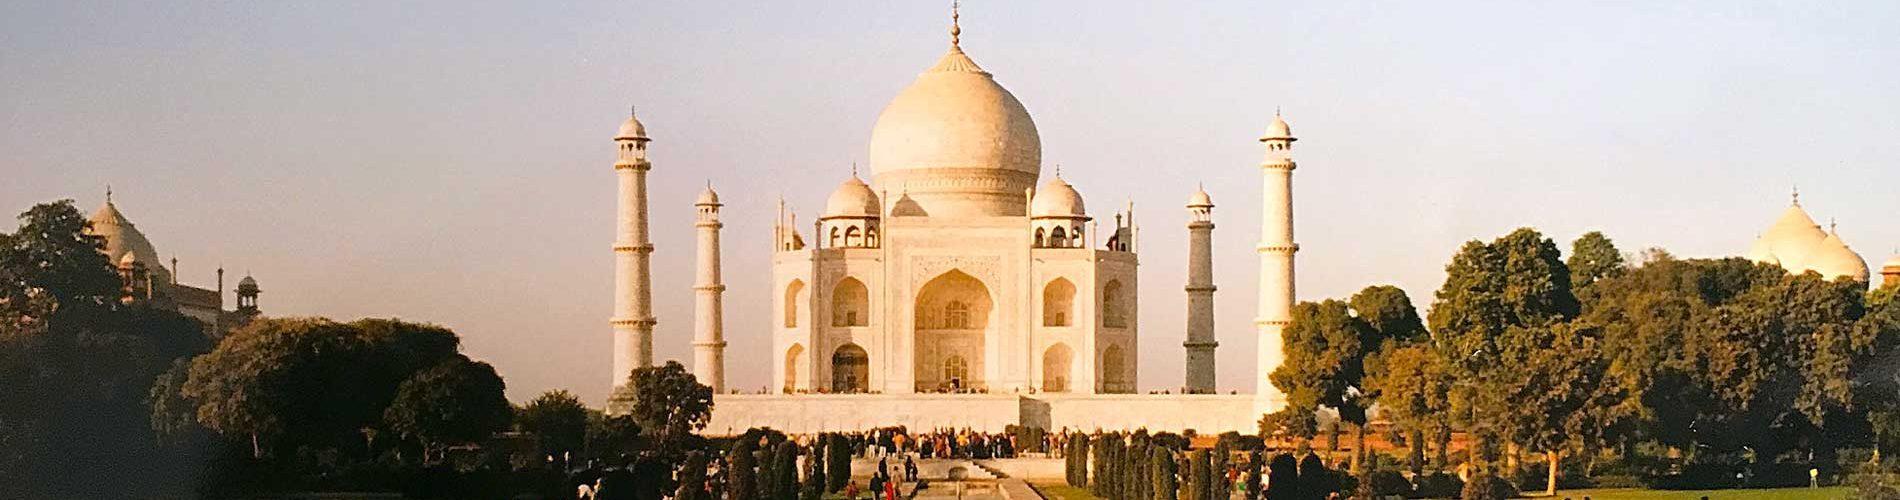 Taj-Mahal-header